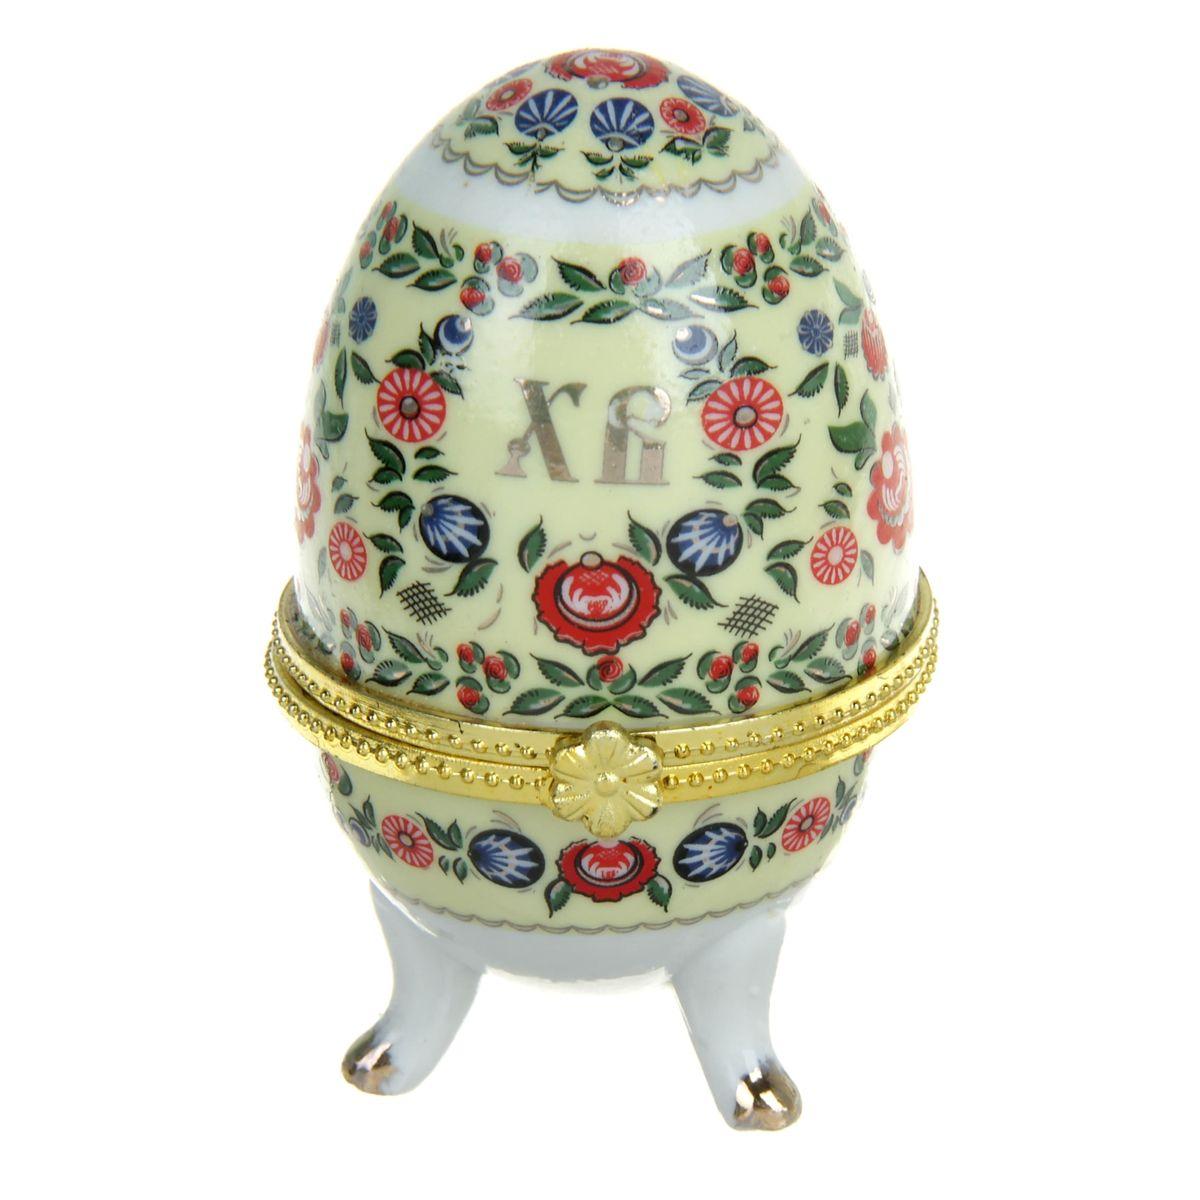 Шкатулка декоративная Sima-land Хохлома. 890087890087Стильная шкатулка Sima-land Хохлома - это не только символичный, но и очень полезный подарок на светлый праздник Пасхи. Она изготовлена из керамики, вся покрыта разноцветной росписью, выполненной в технике деколь с золотистыми вставками. Благодаря уникальному дизайну, пасхальным надписям и заложенному в шкатулку смыслу она приятно удивит ваших близких и друзей. История дарения таких яиц-шкатулок берет свое начало с известнейшего ювелира Карла Фаберже, который начал изготовлять ювелирные яйца с сюрпризом для императорского дома. Обычай преподносить такие подарки близким - это возрождение императорской традиции. Такой подарок воистину является привычным для Пасхи. Шкатулка порадует своим великолепием, функциональными особенностями и оригинальной подарочной упаковкой. Такой царский сувенир приятно дарить и получать!